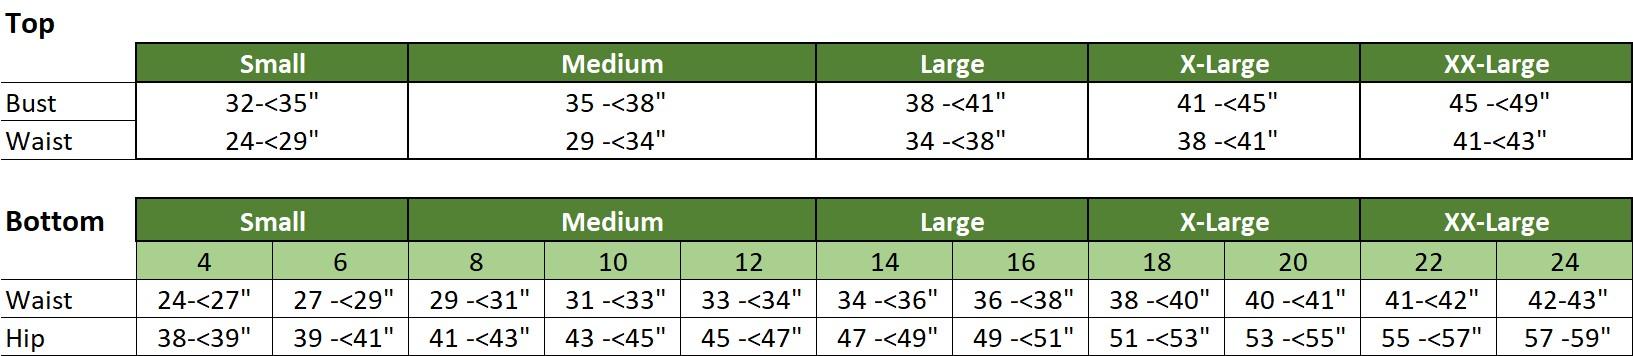 bp-size-chart.jpg